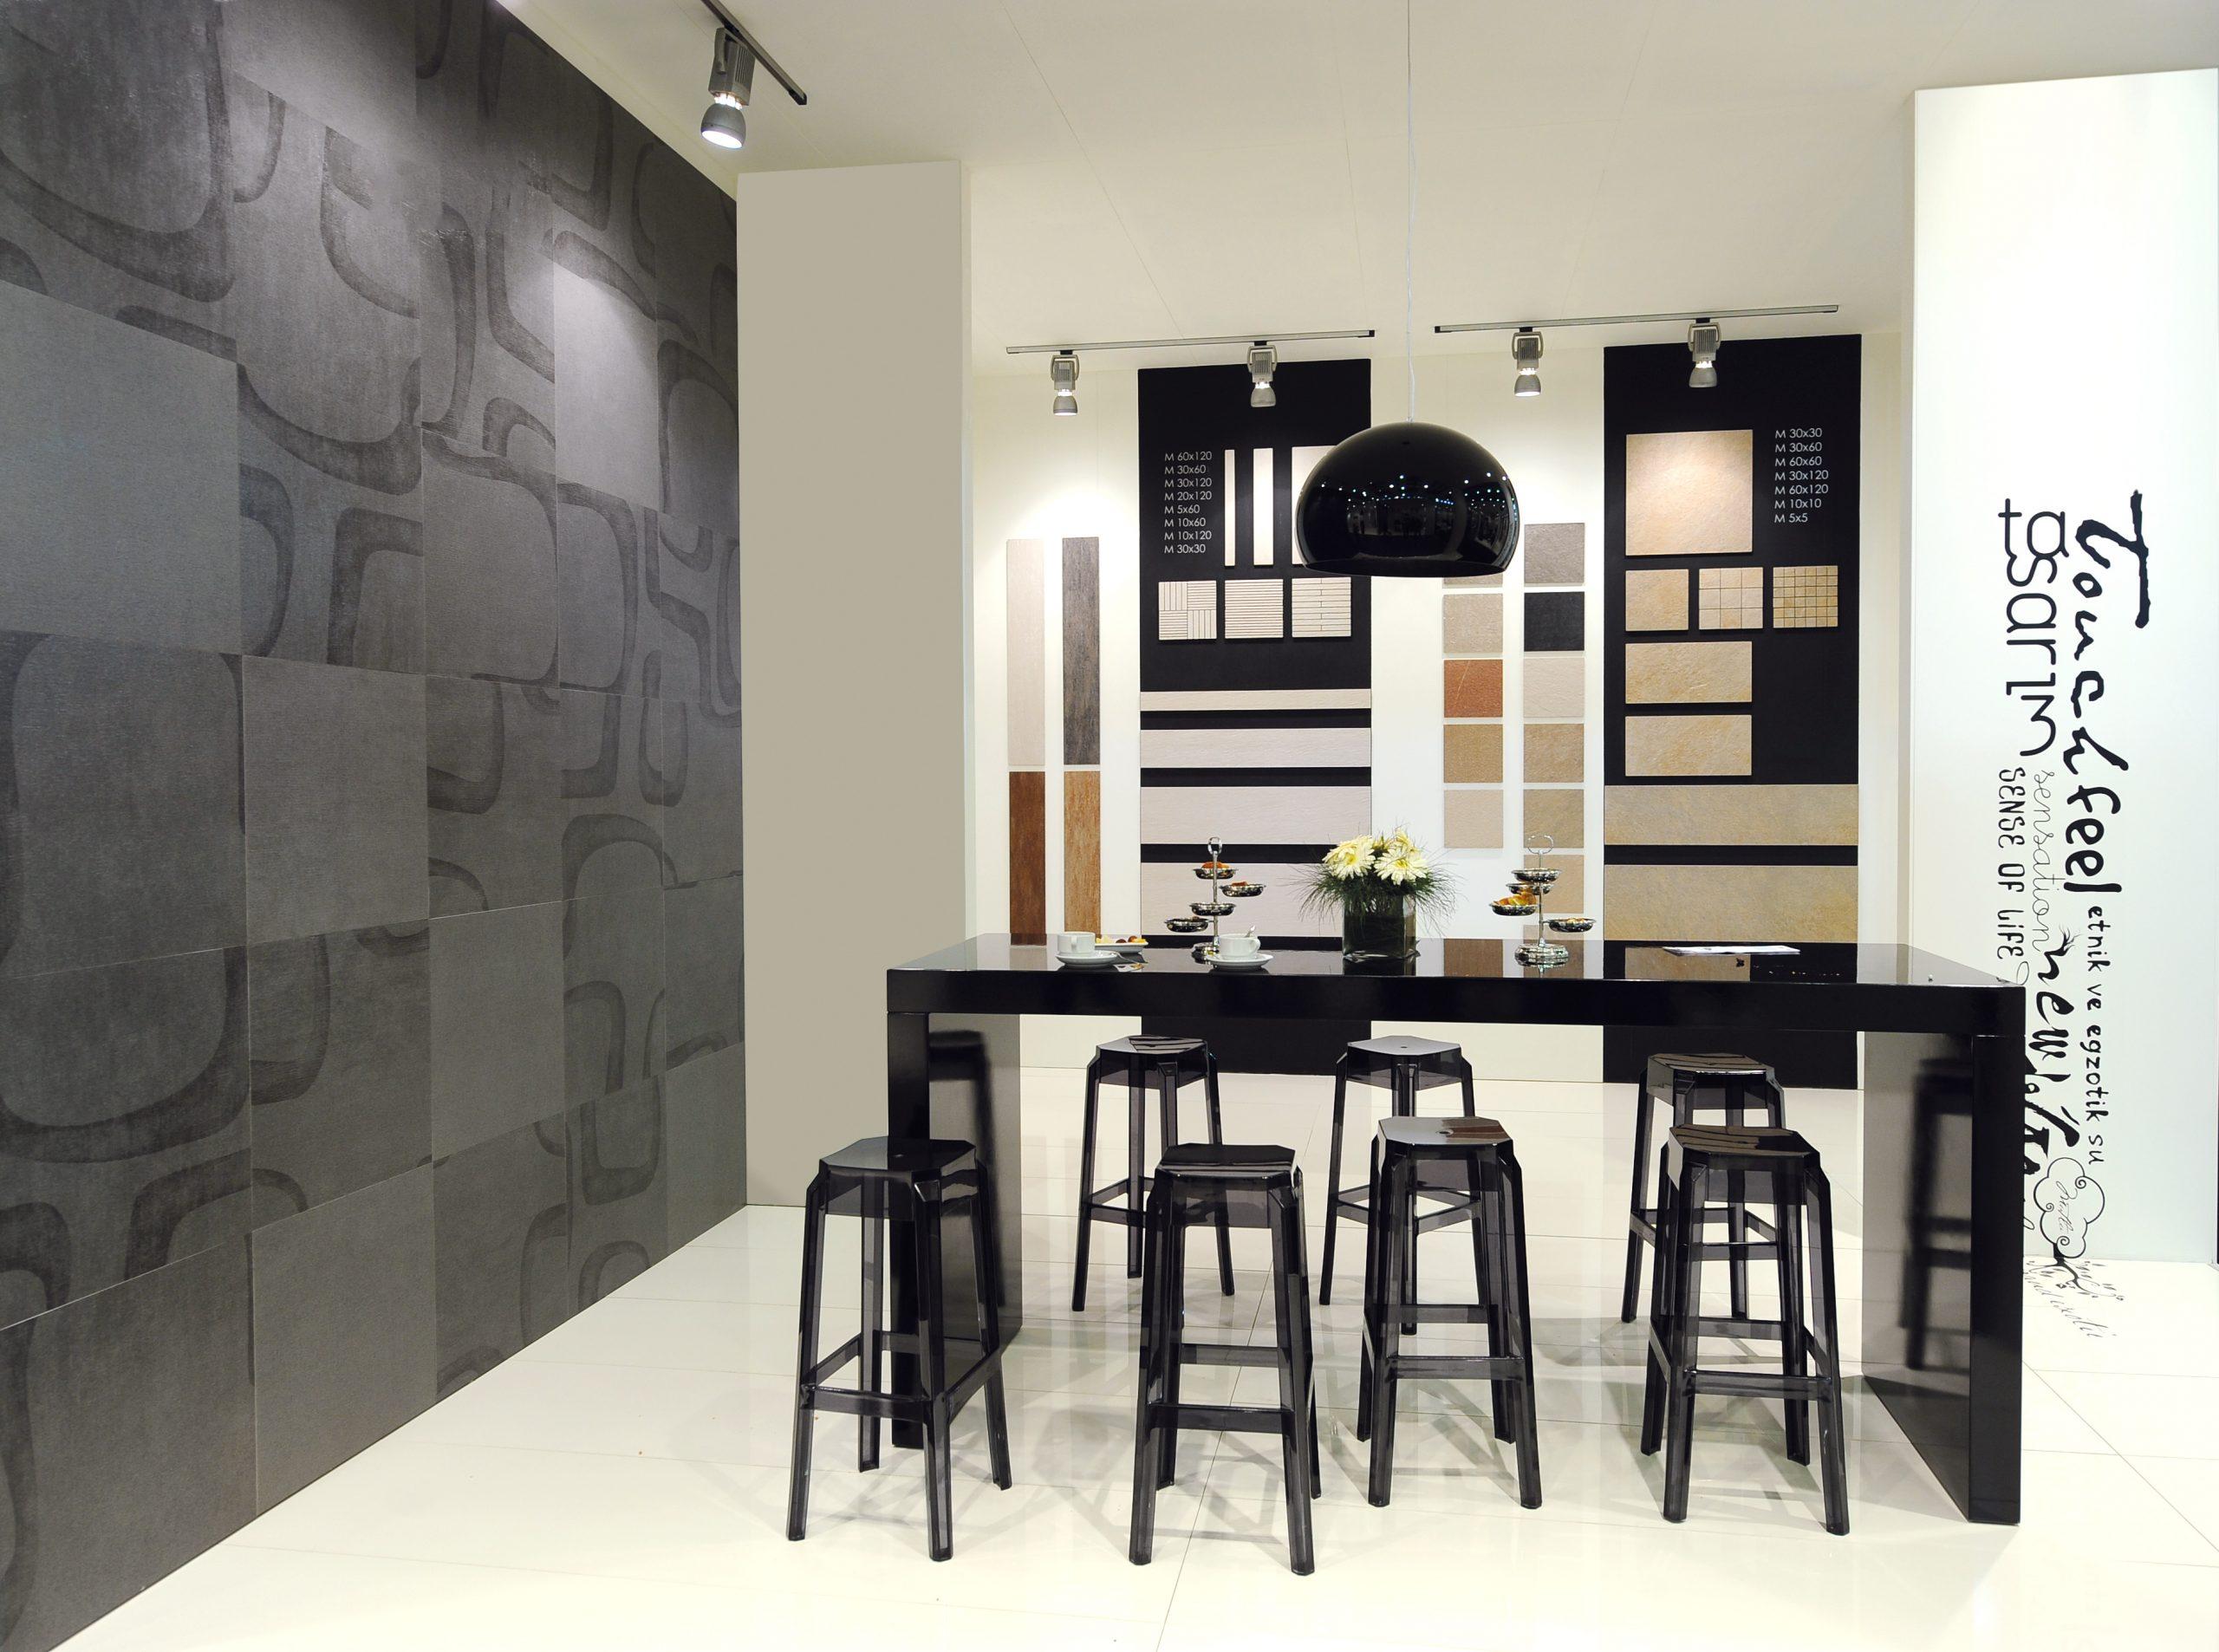 Adesivi murali e prespaziati per decorazione sala mostra